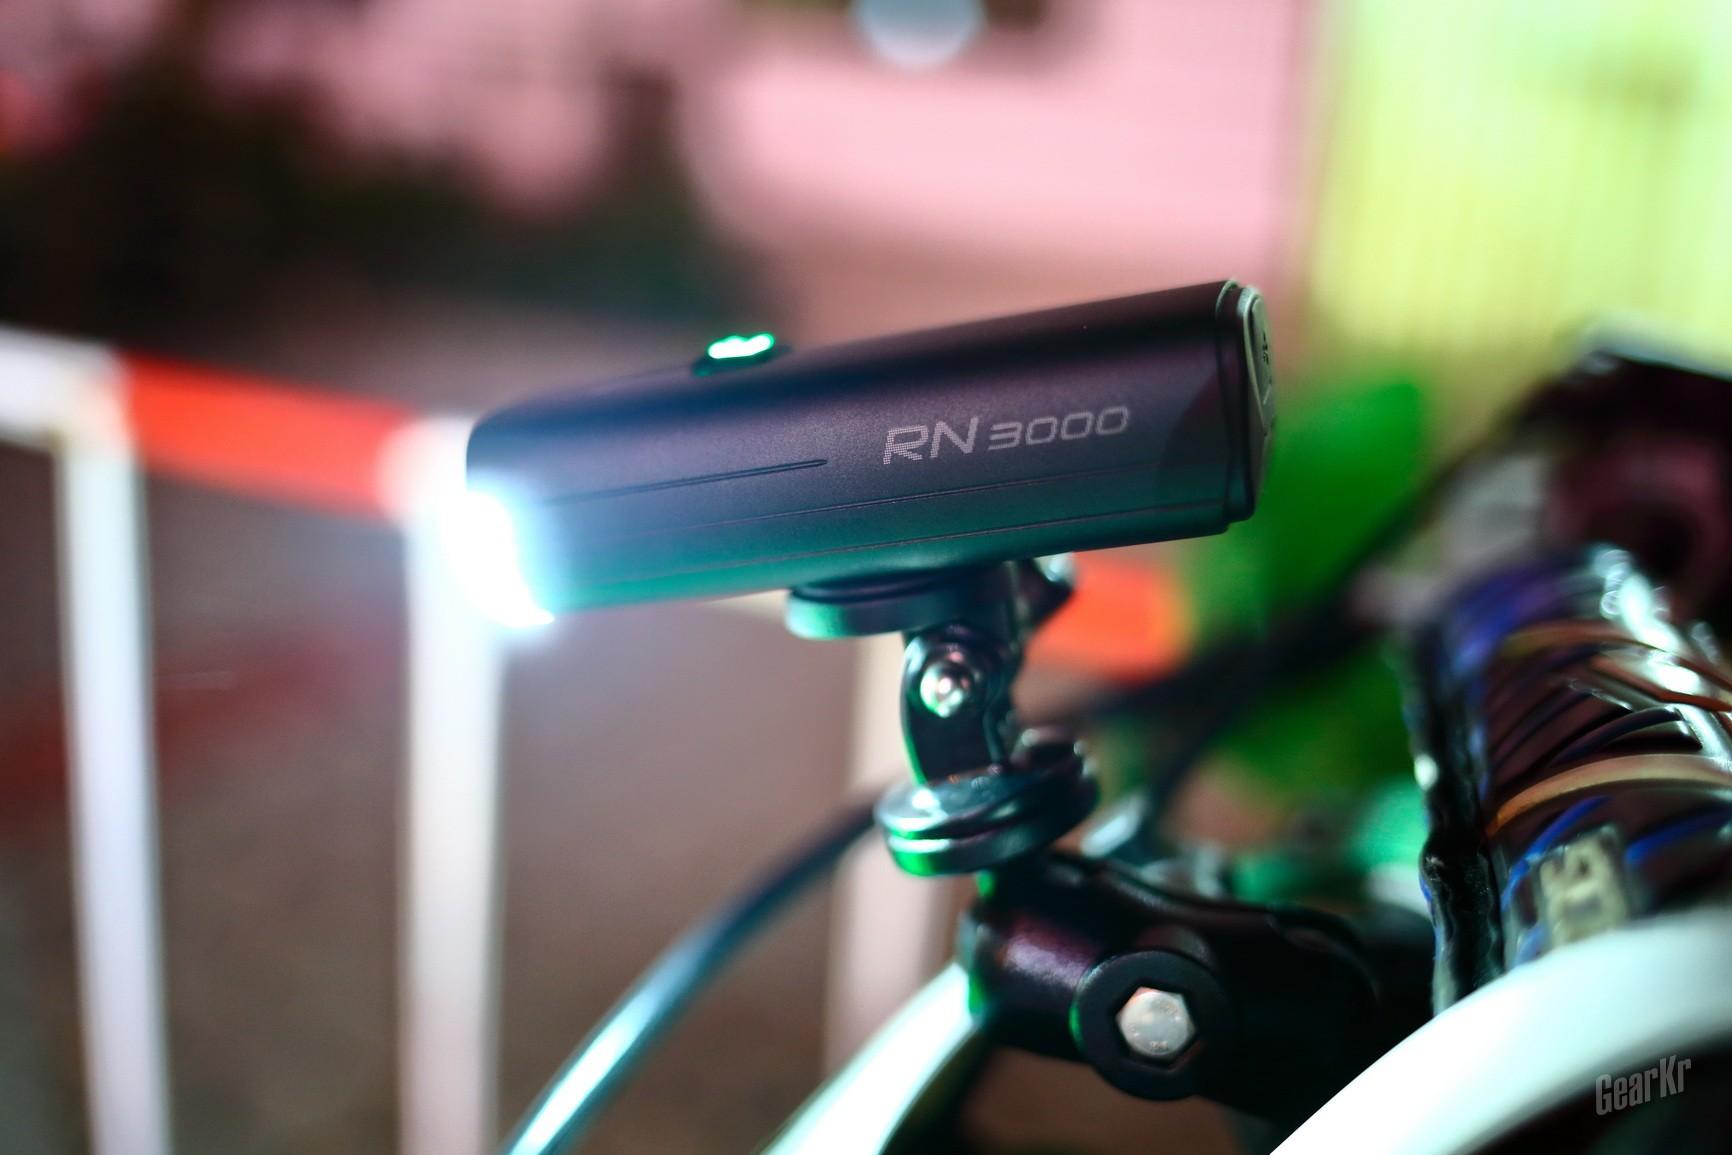 3000流明双光斑超级车灯迈极炫RN3000评测